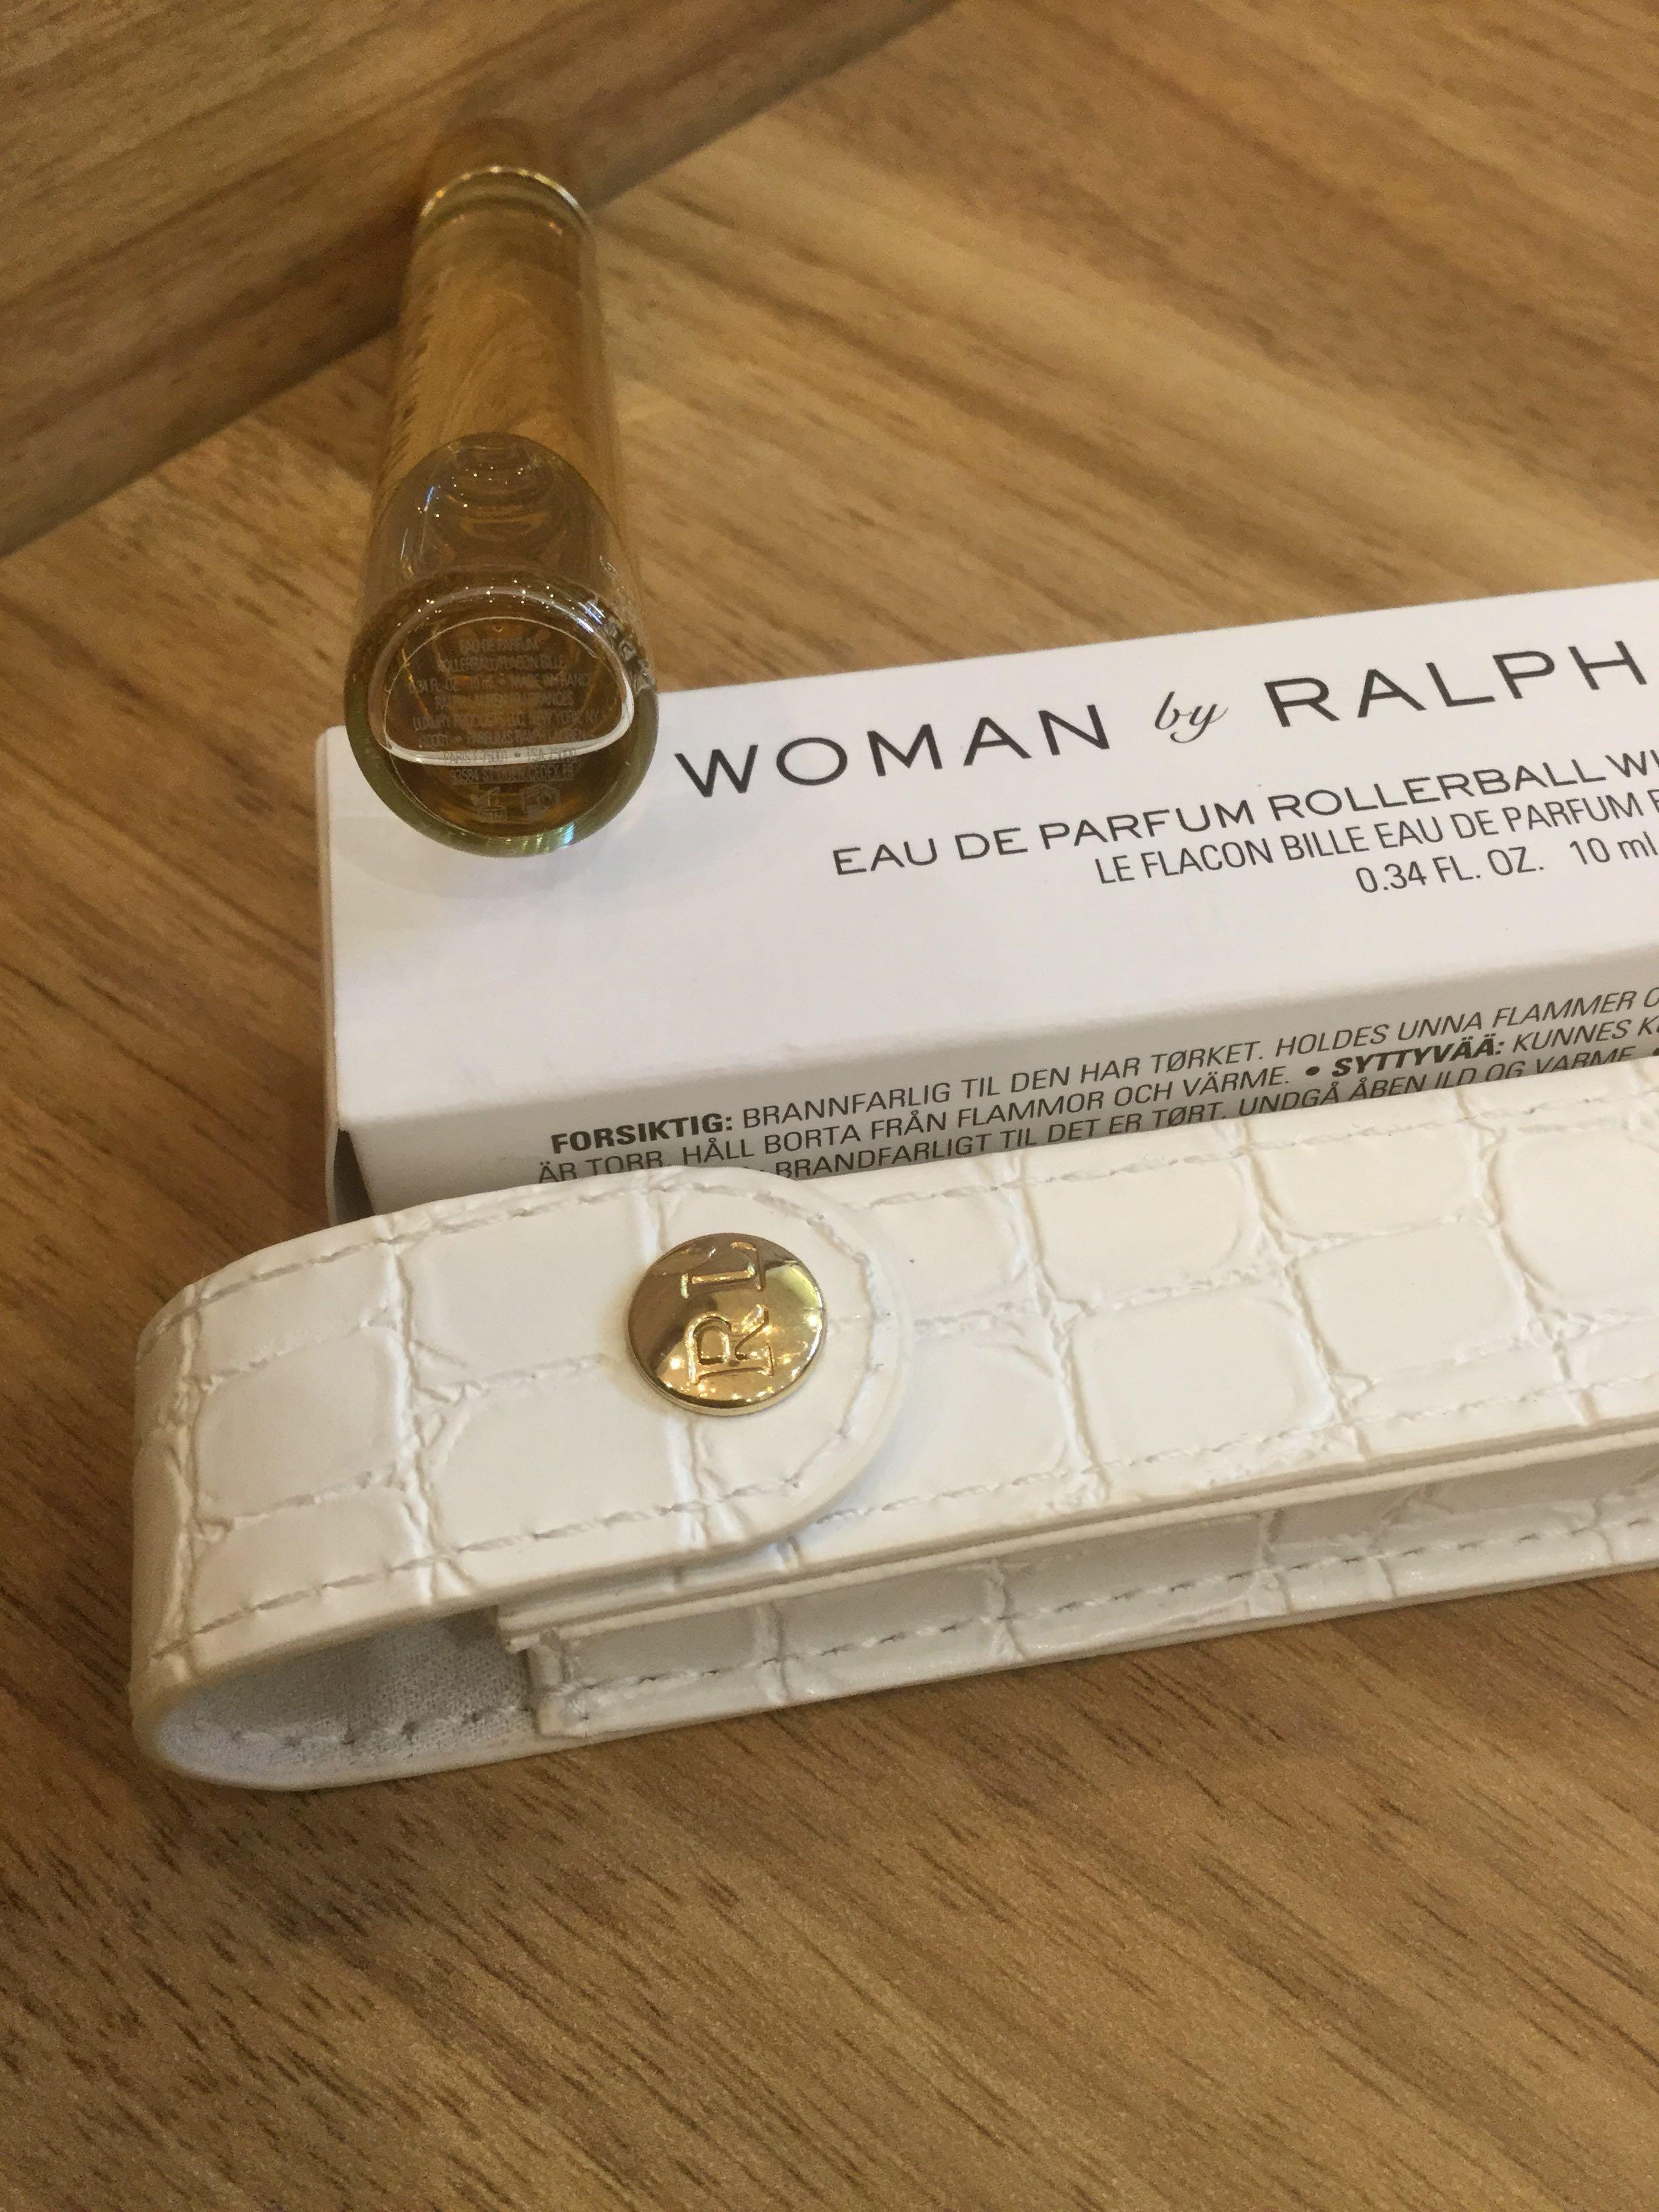 Woman 👩 by Ralph Lauren